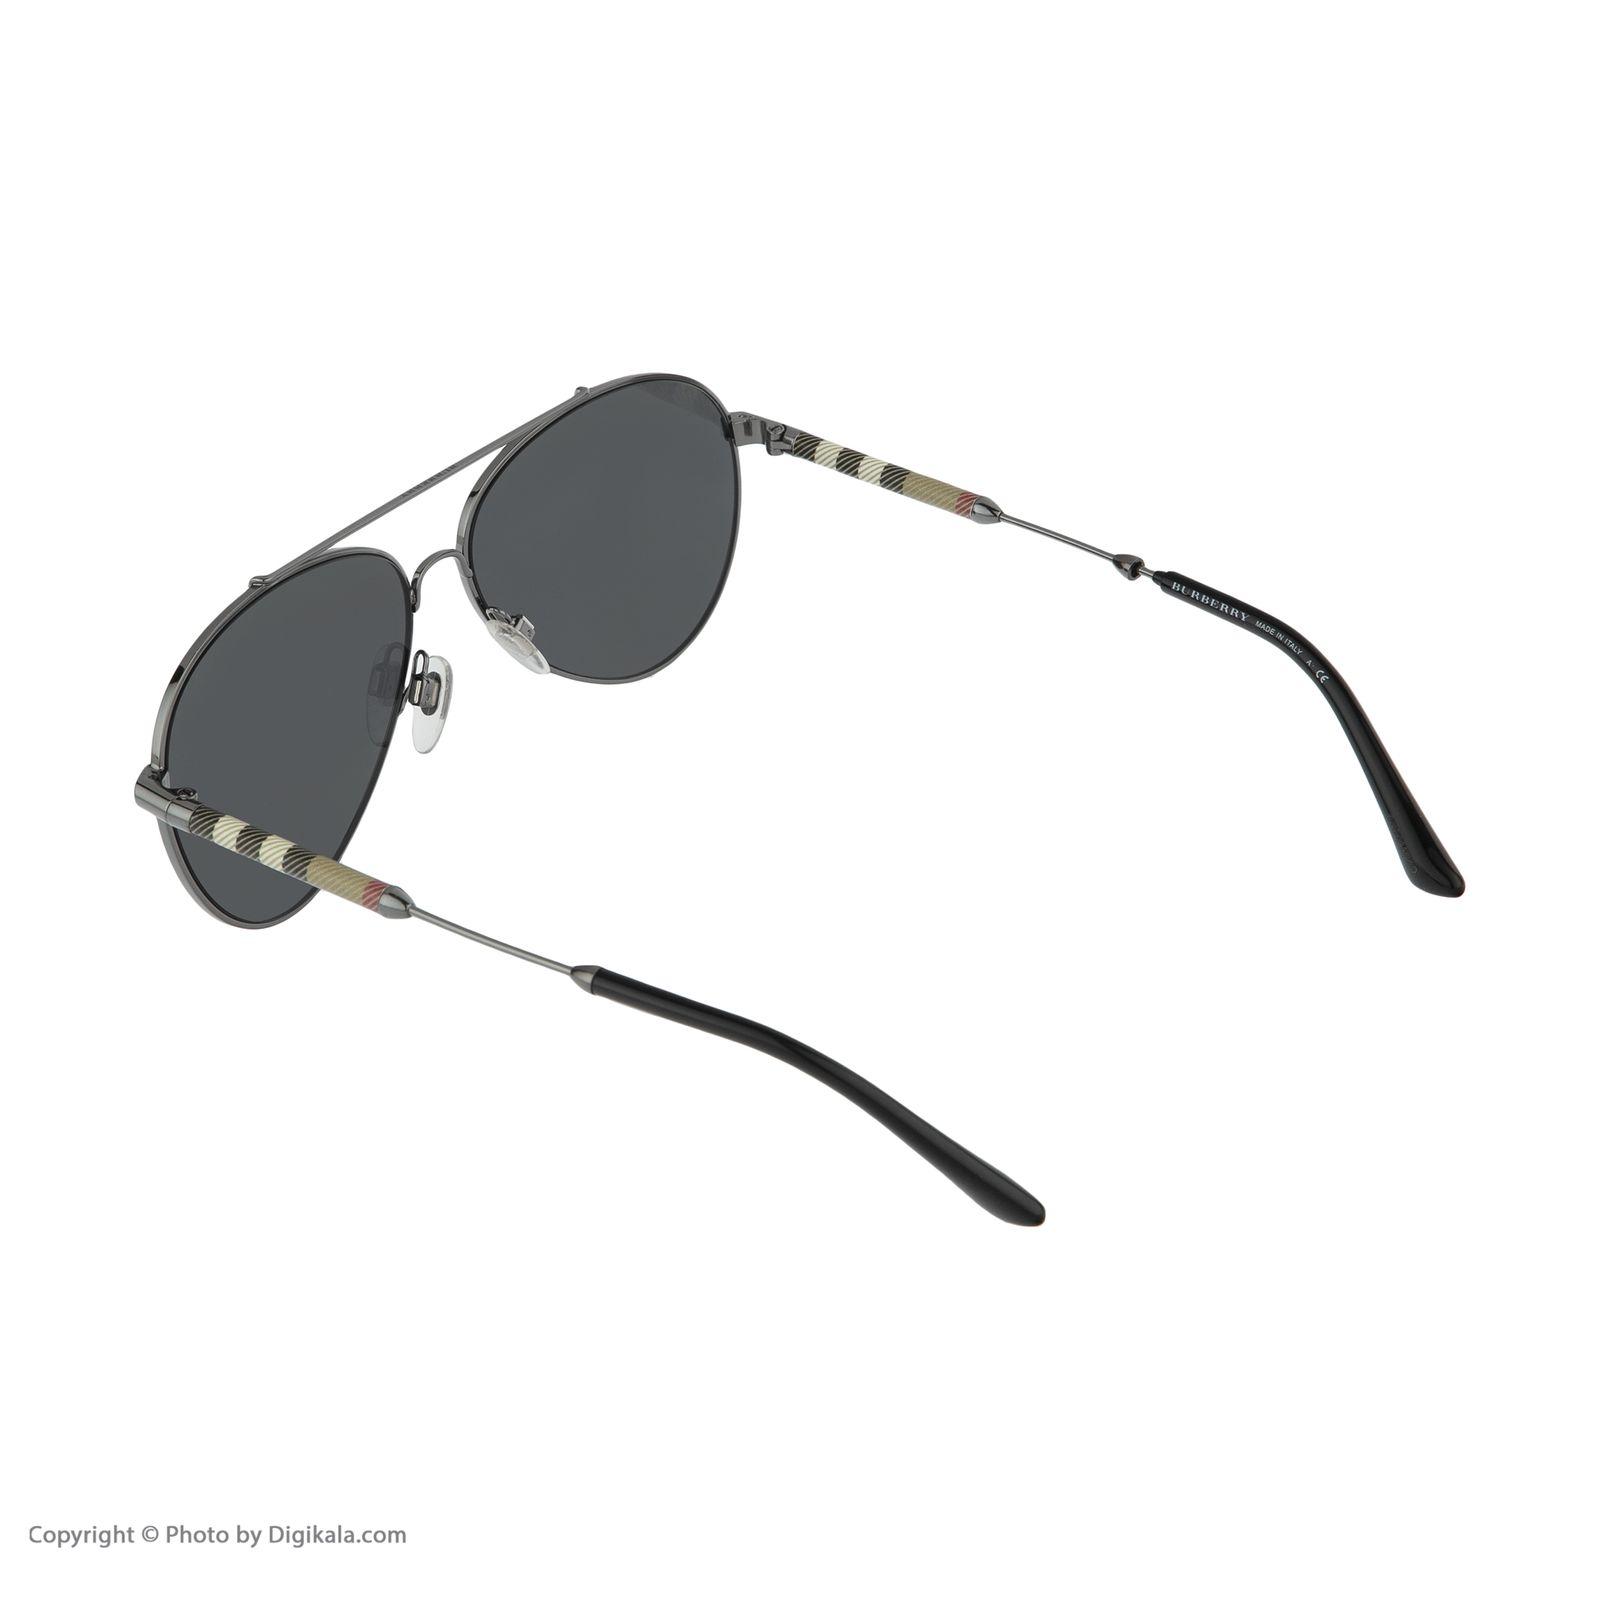 عینک آفتابی زنانه بربری مدل BE 3092Q 100387 57 -  - 5